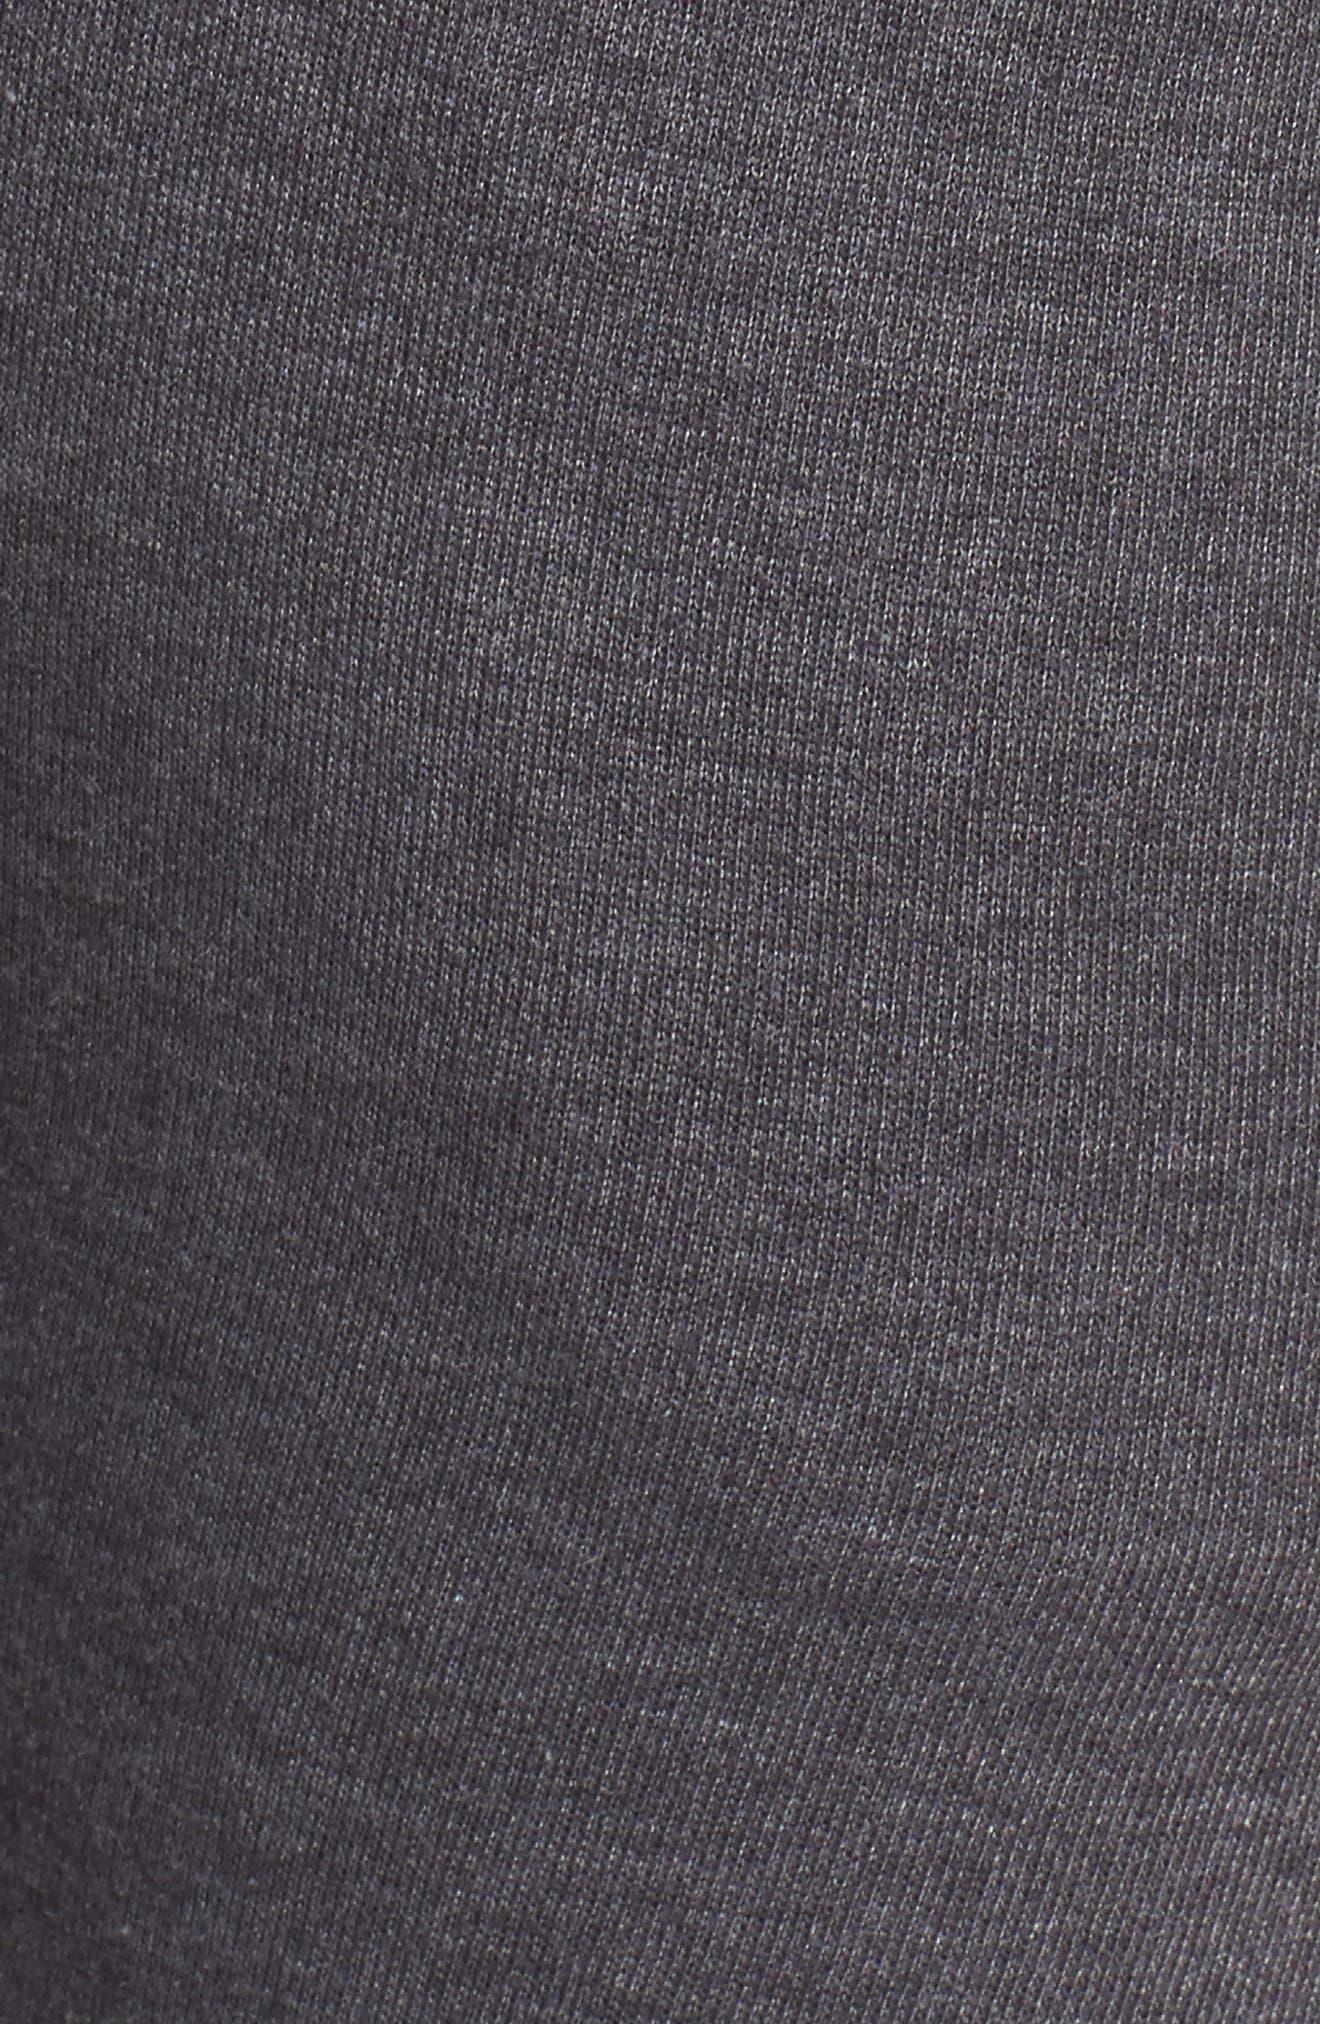 Happy Place Sweatshirt,                             Alternate thumbnail 5, color,